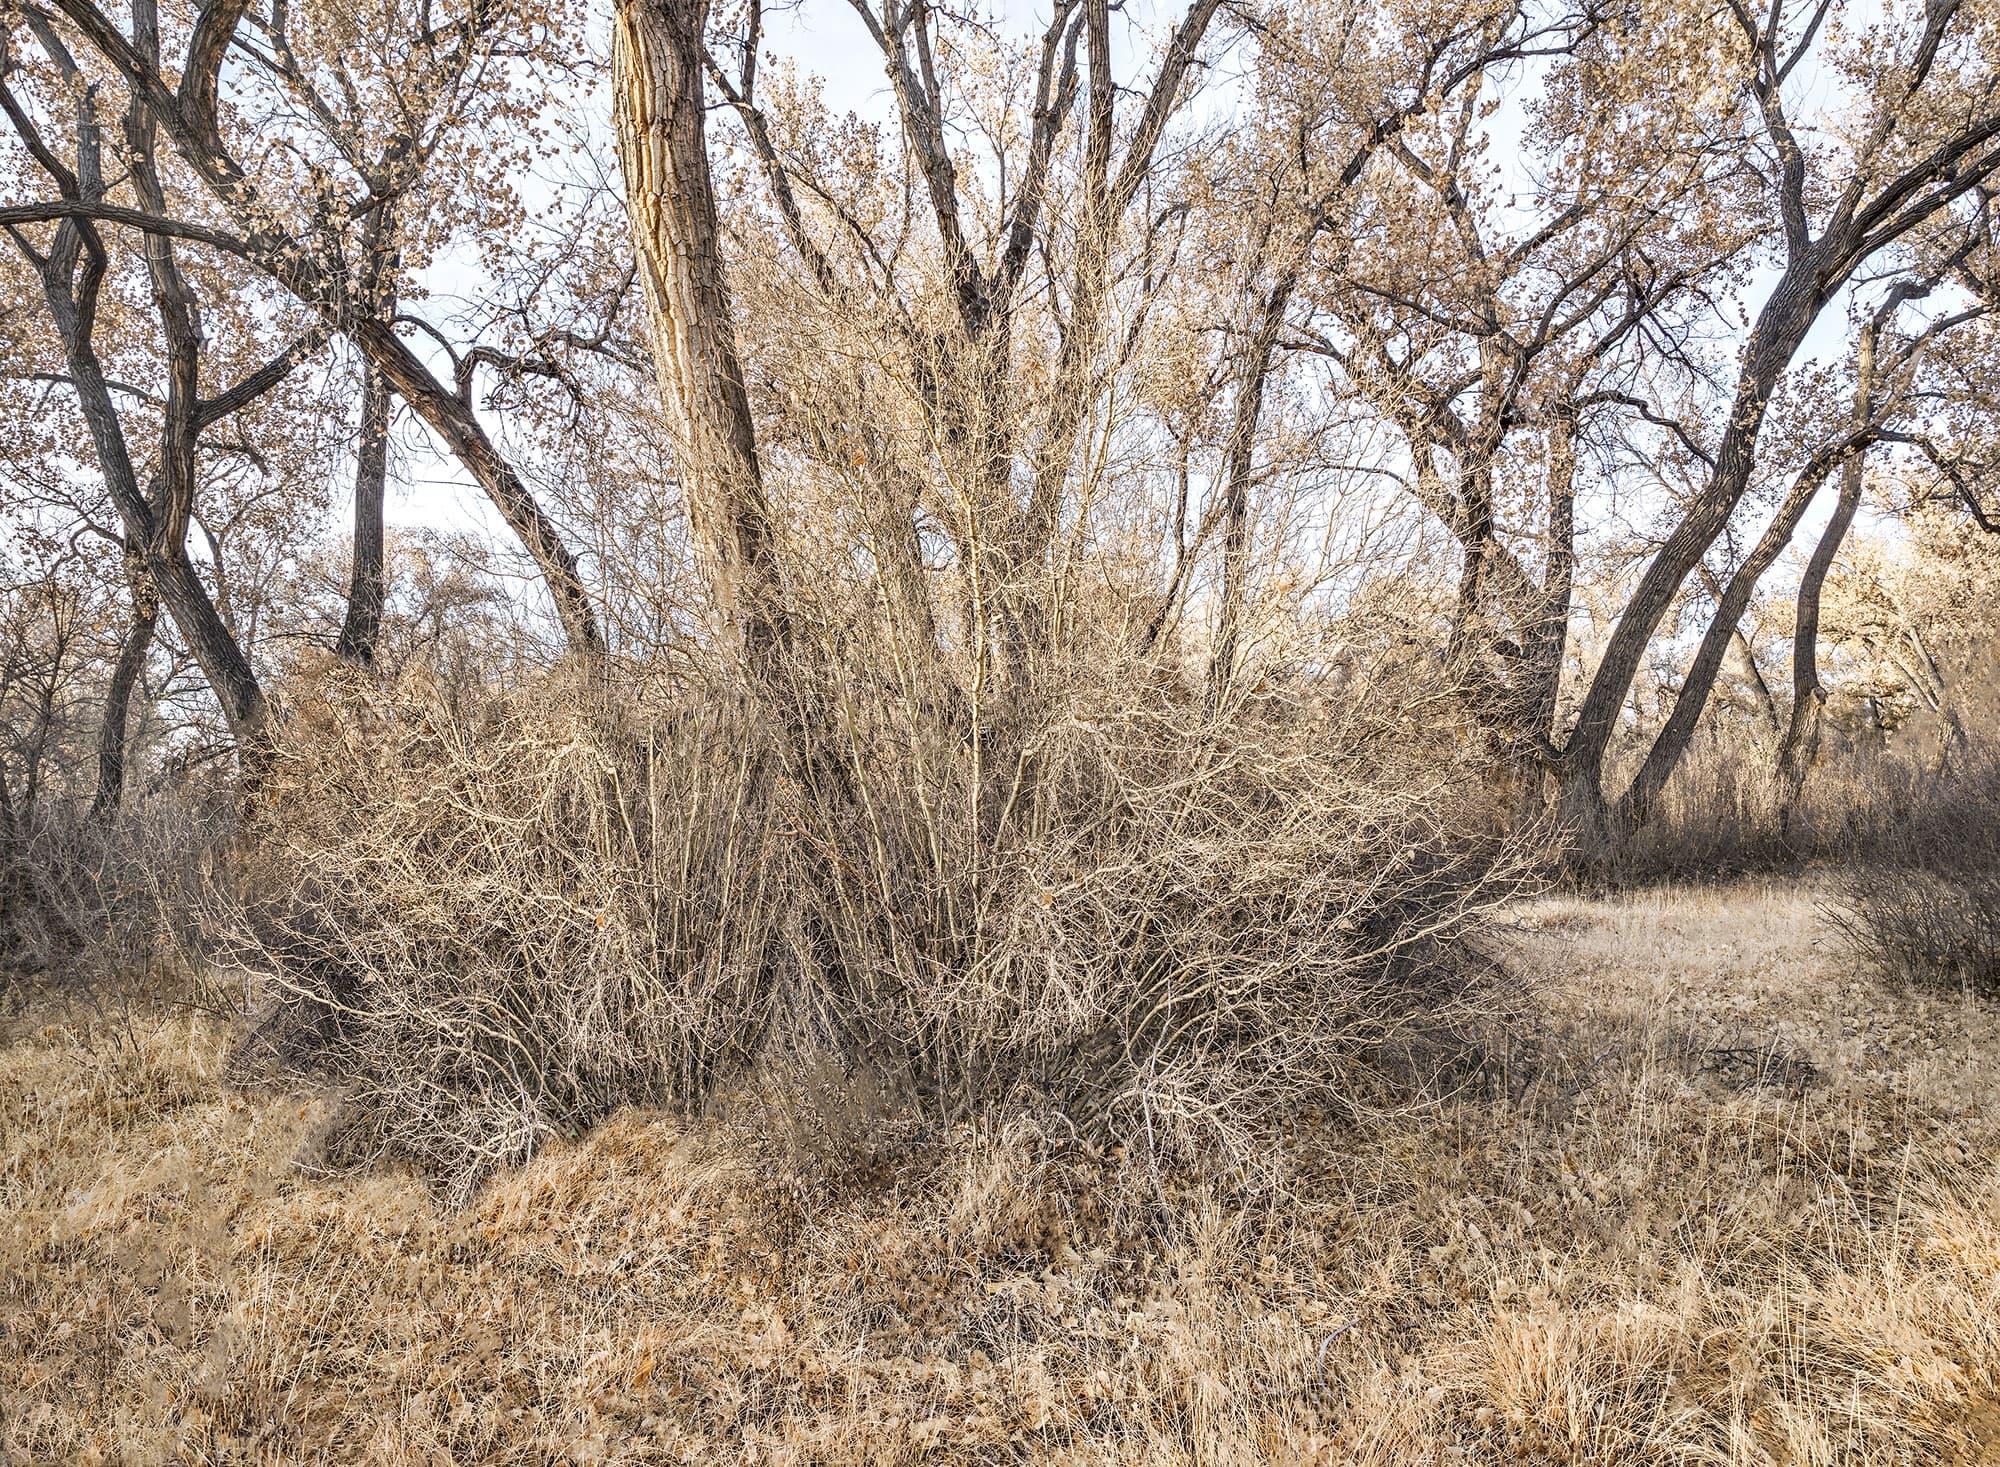 13-Bosque-New-Mexico-2019-arthur-lazar